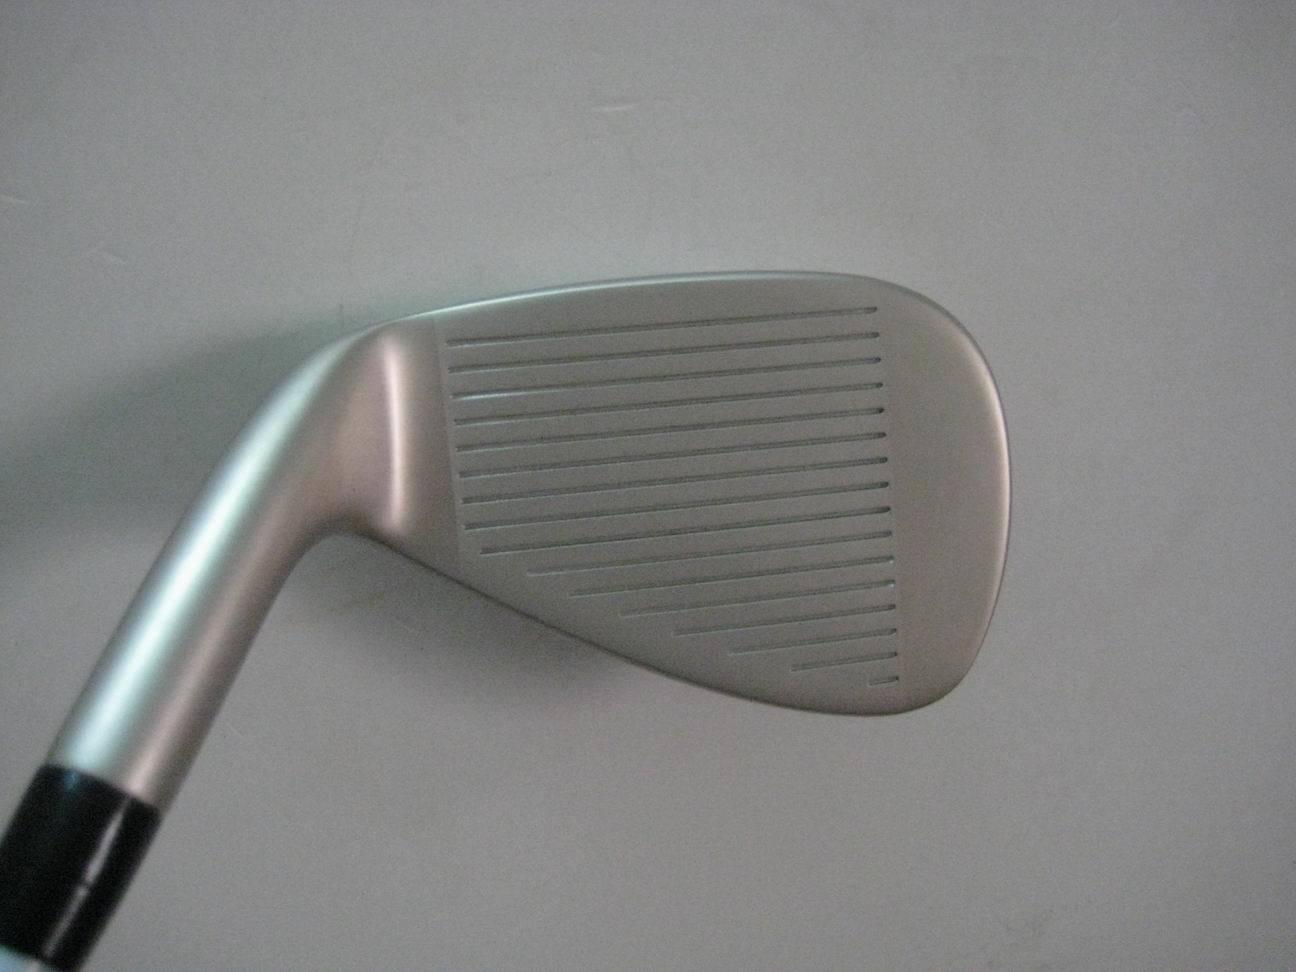 2011 최신 골프 클럽 철 (유산)